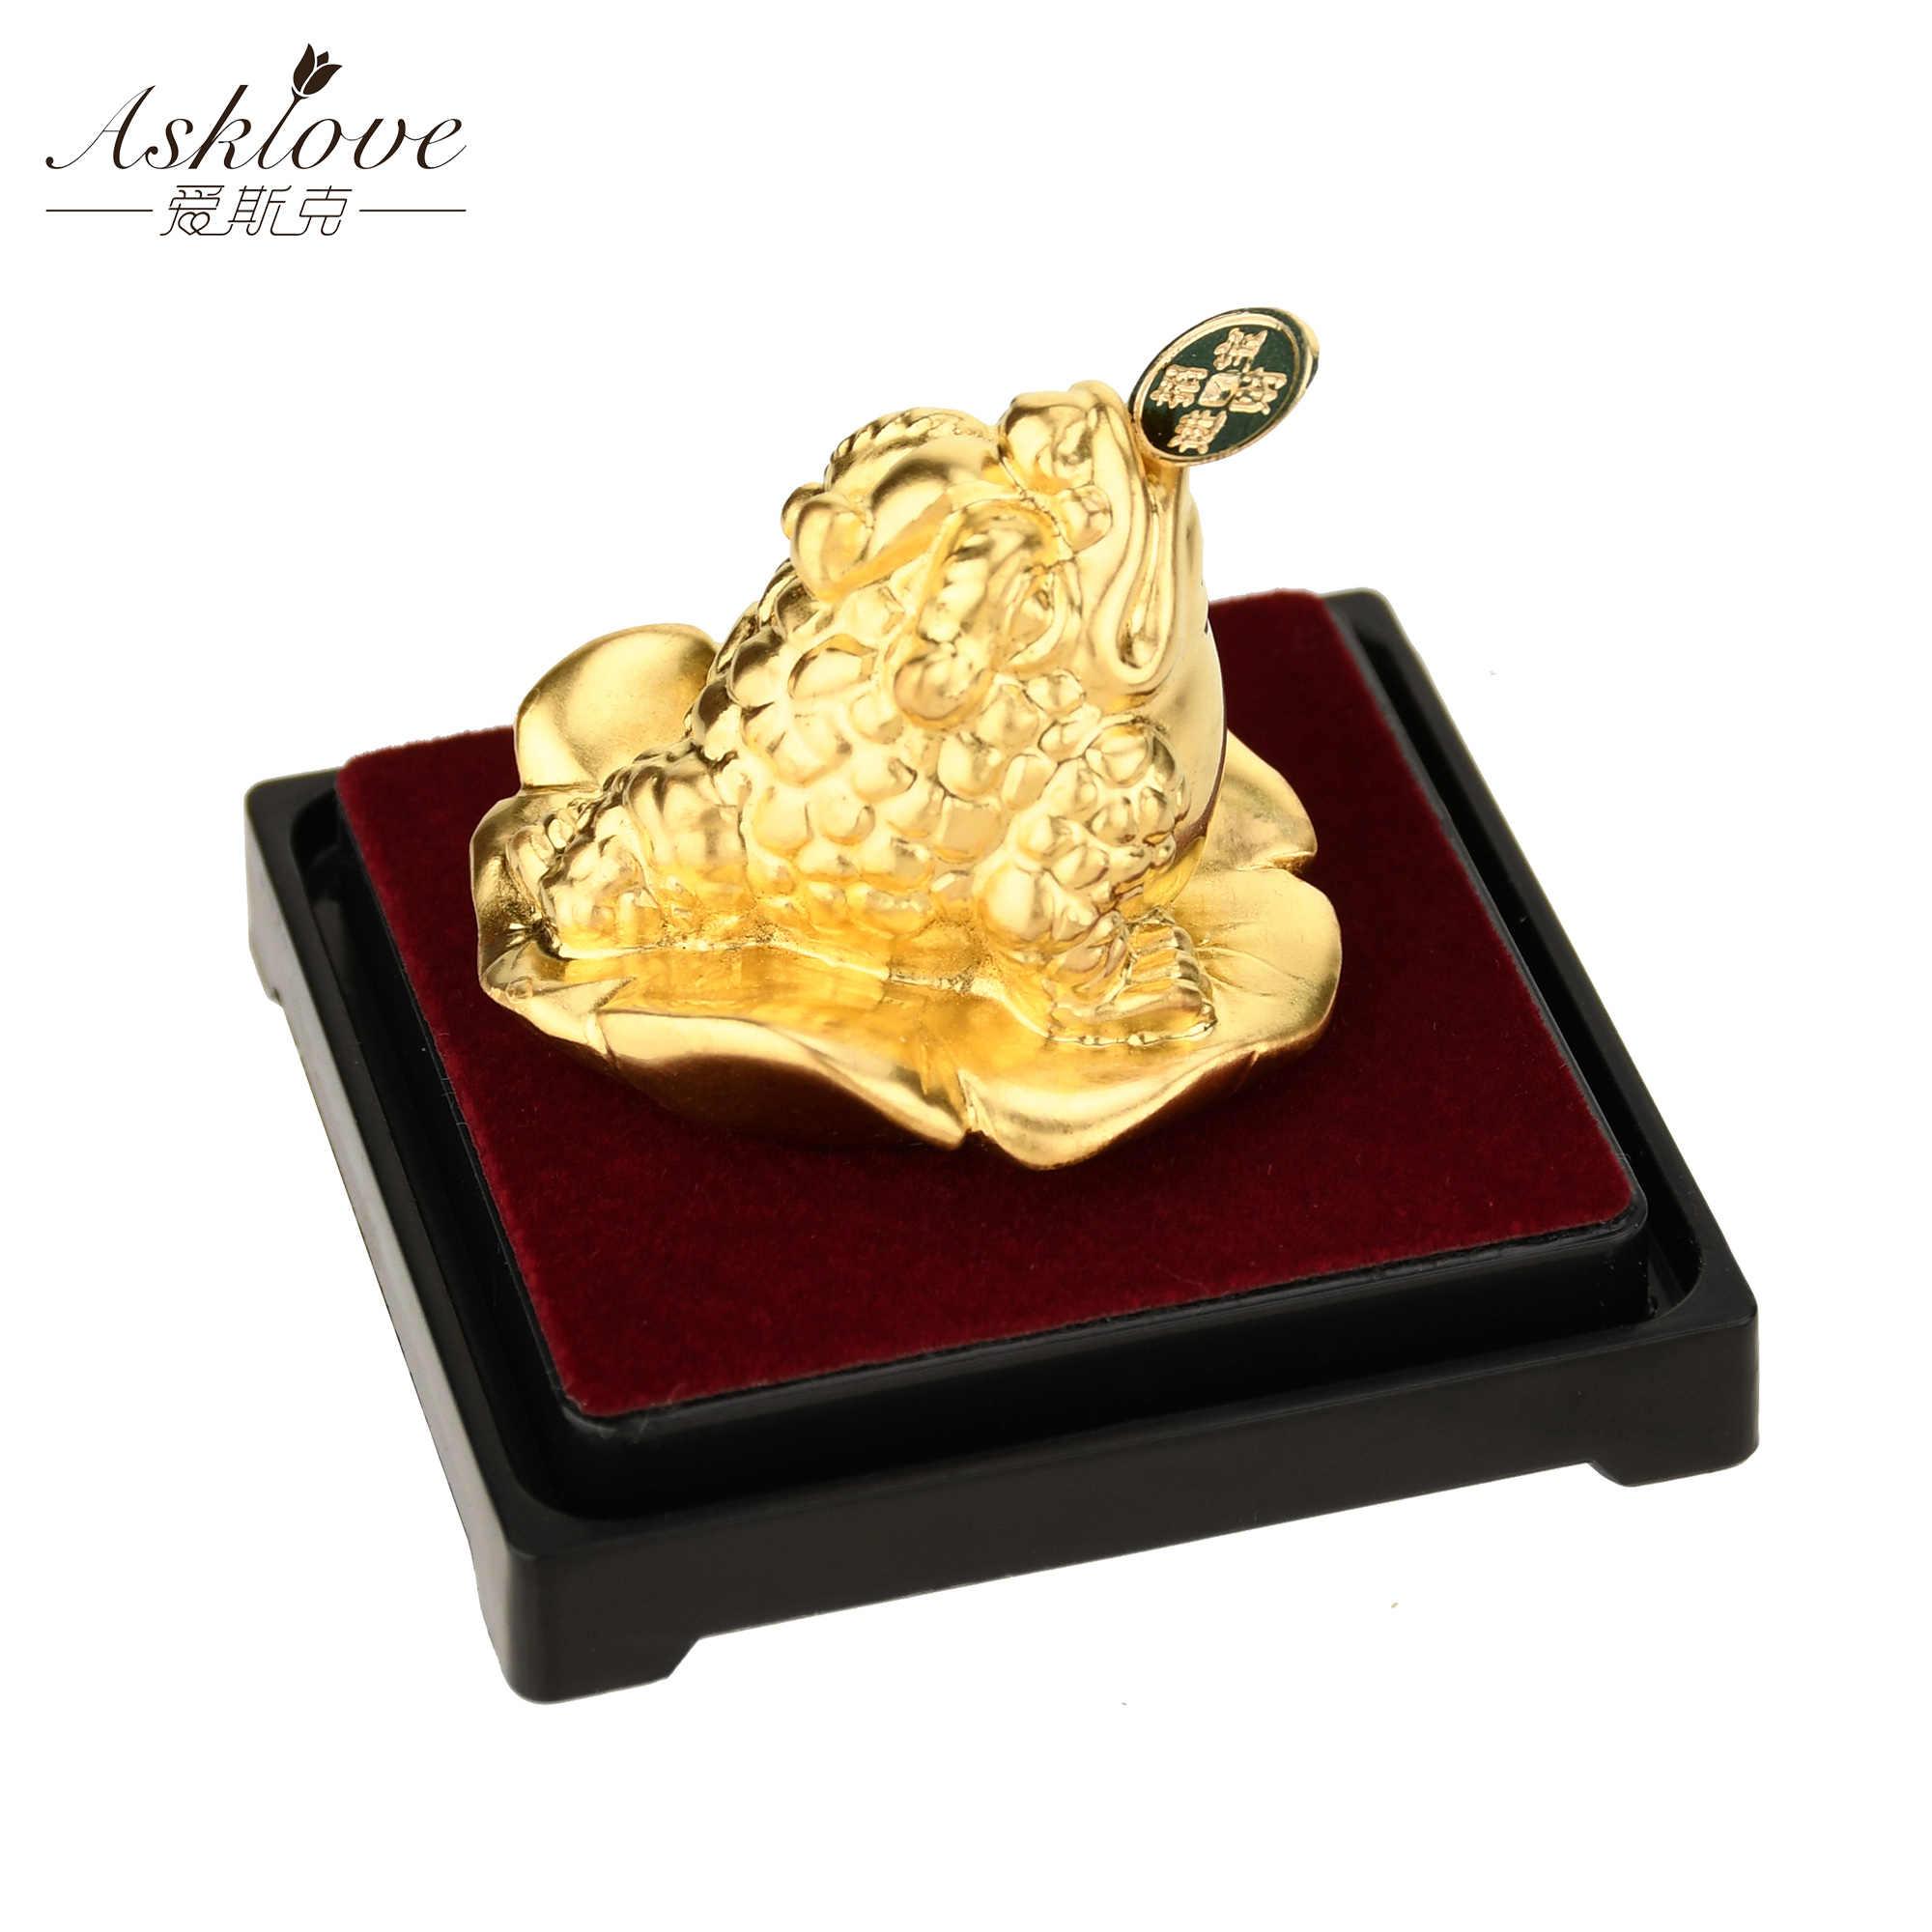 24k altın folyo kurbağa Feng Shui kurbağa çin altın kurbağa para şanslı servet servet ofis masa süs ev dekorasyonu şanslı hediyeler